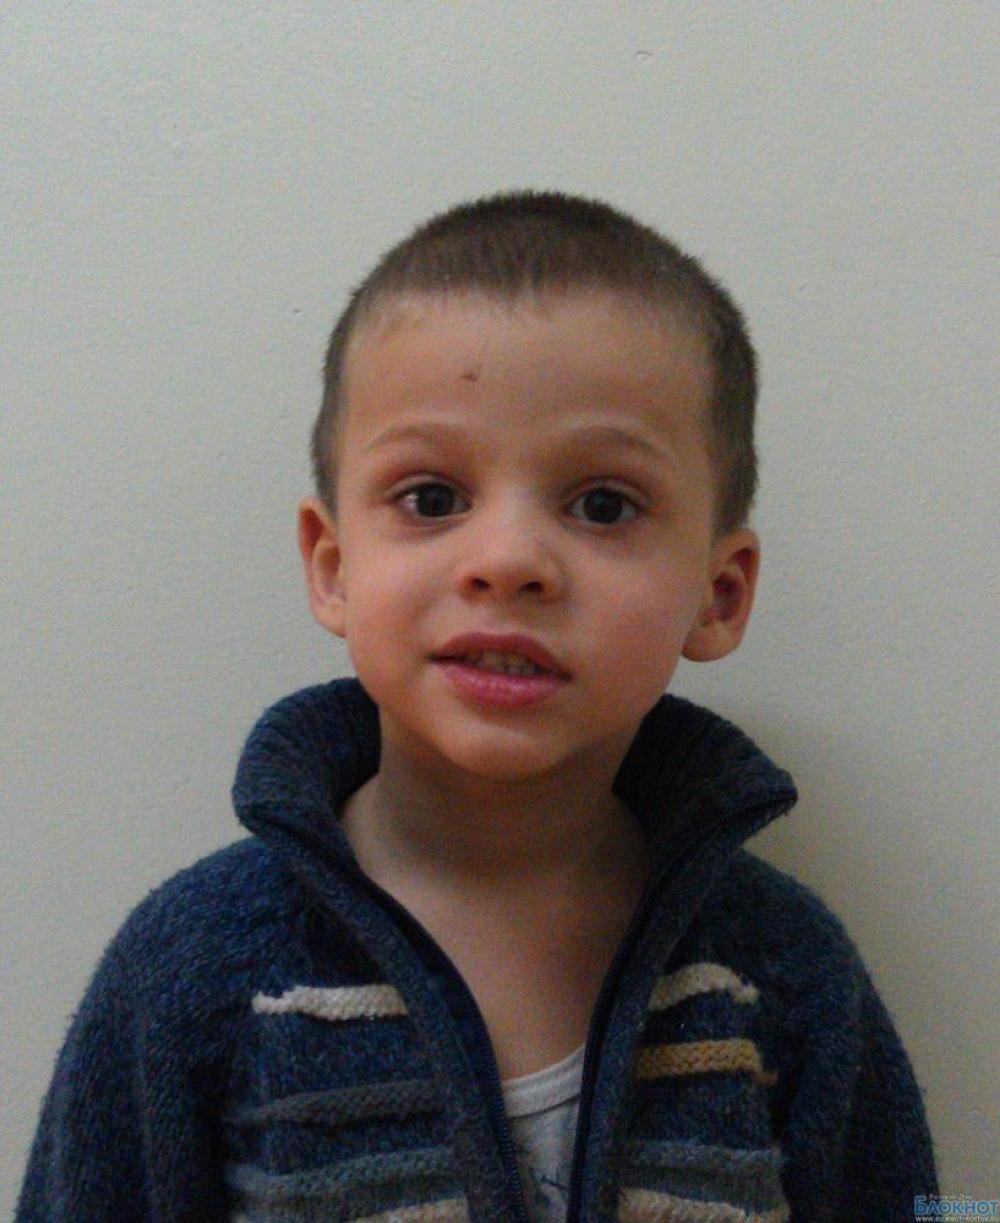 Родителей трехлетнего мальчика разыскивают в Ростовской области